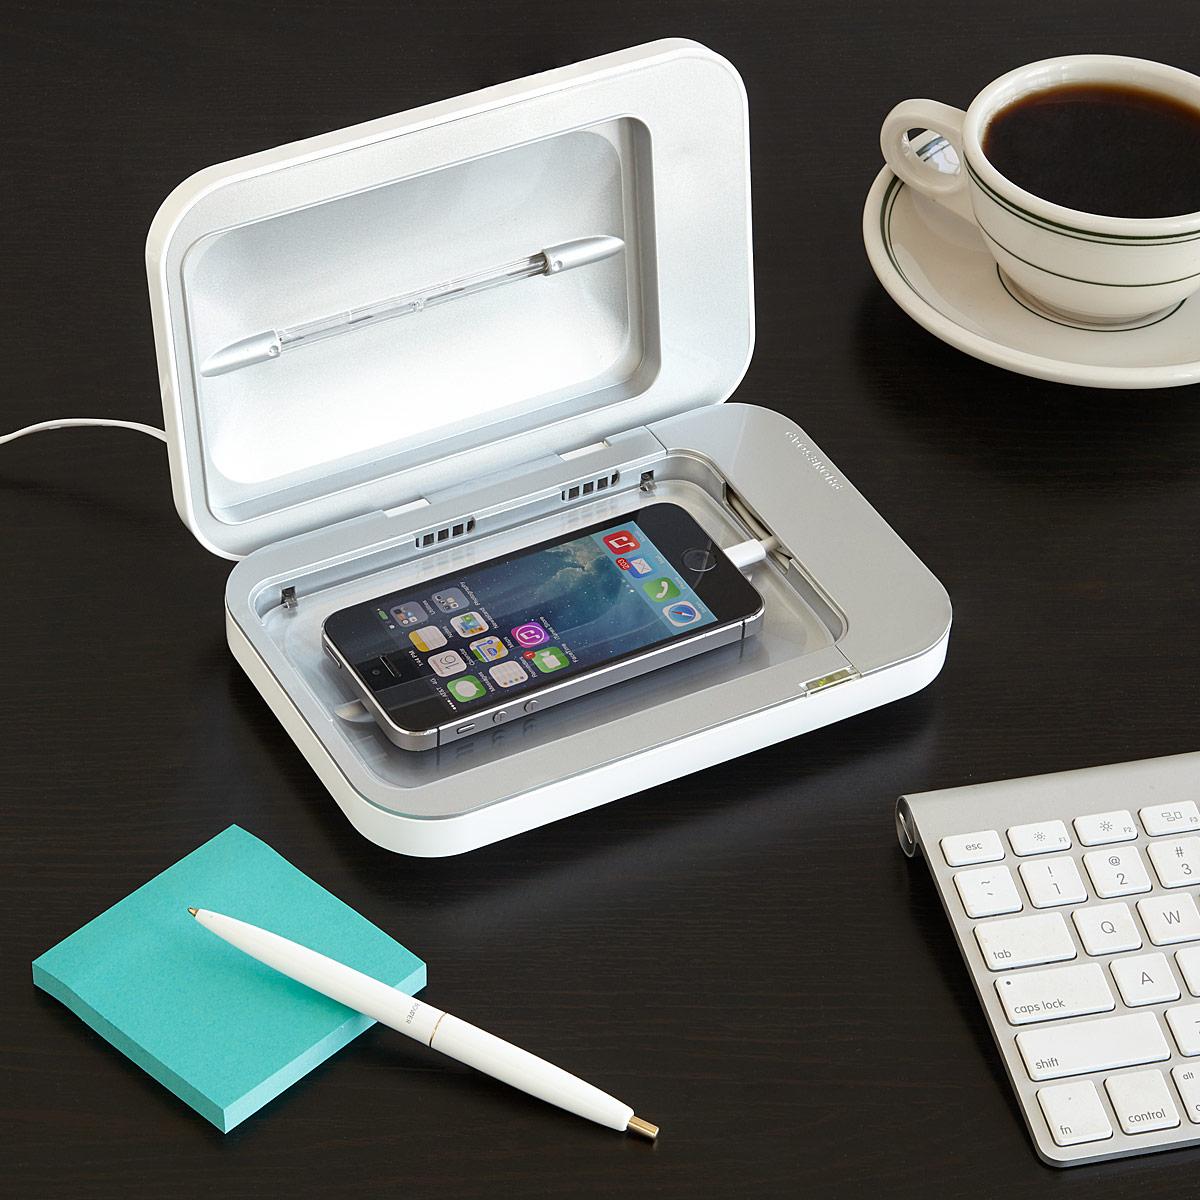 10 Tech Gifts for Gadget Fanatics -The Goods